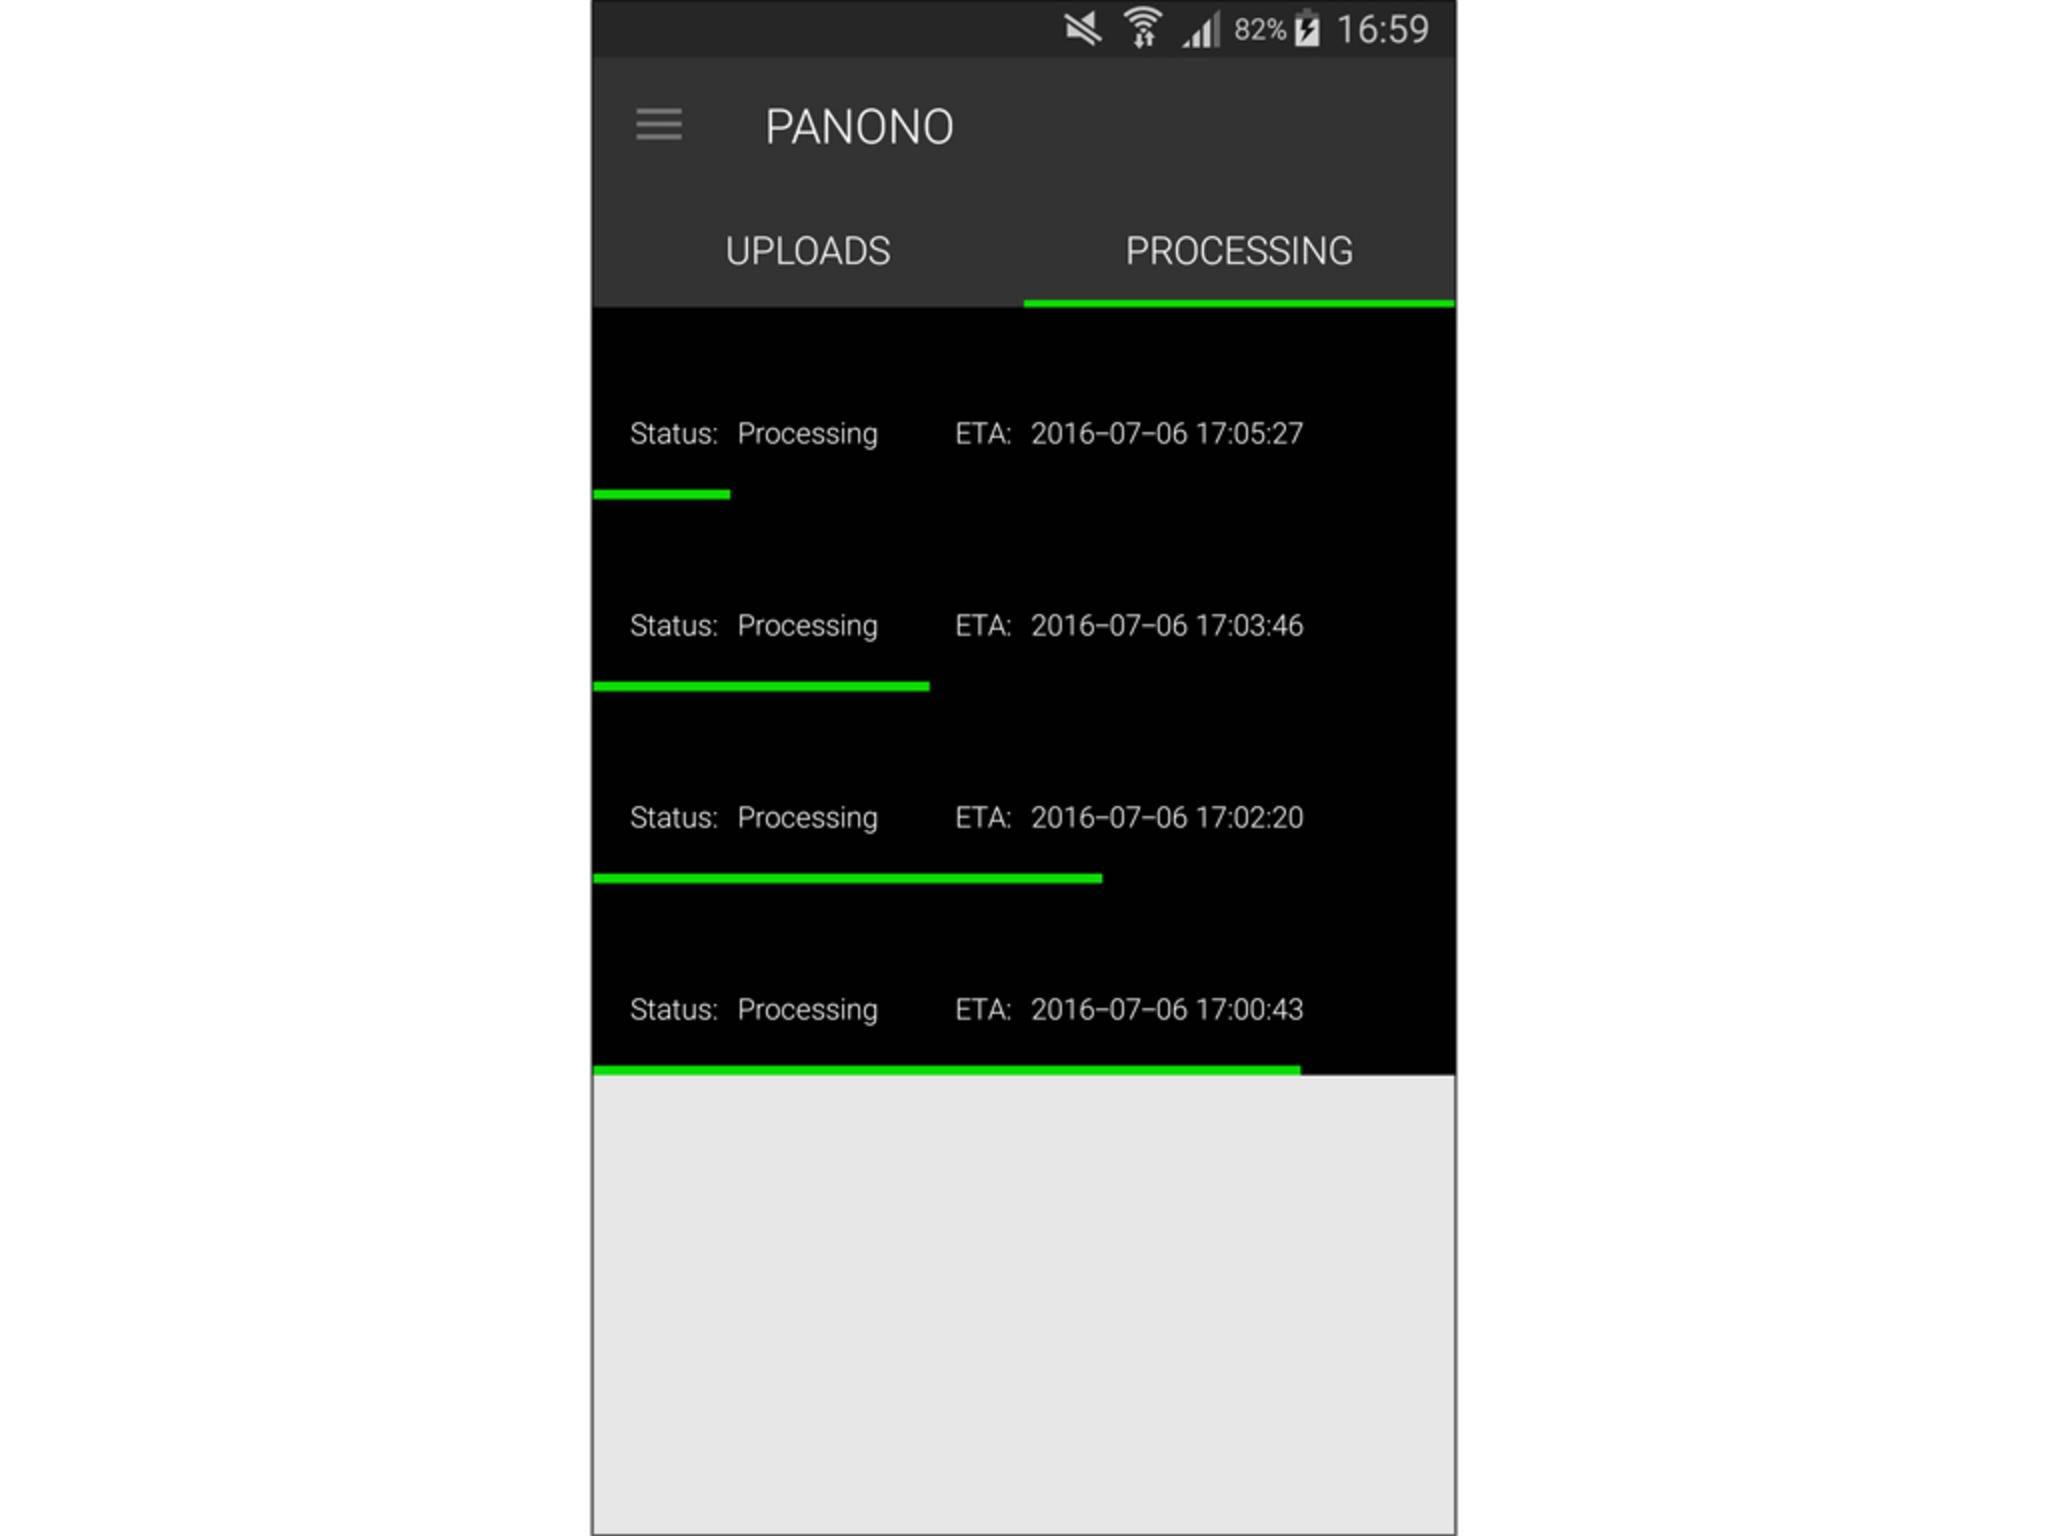 Über die App werden die Bilder auf die Panono-Server geladen.